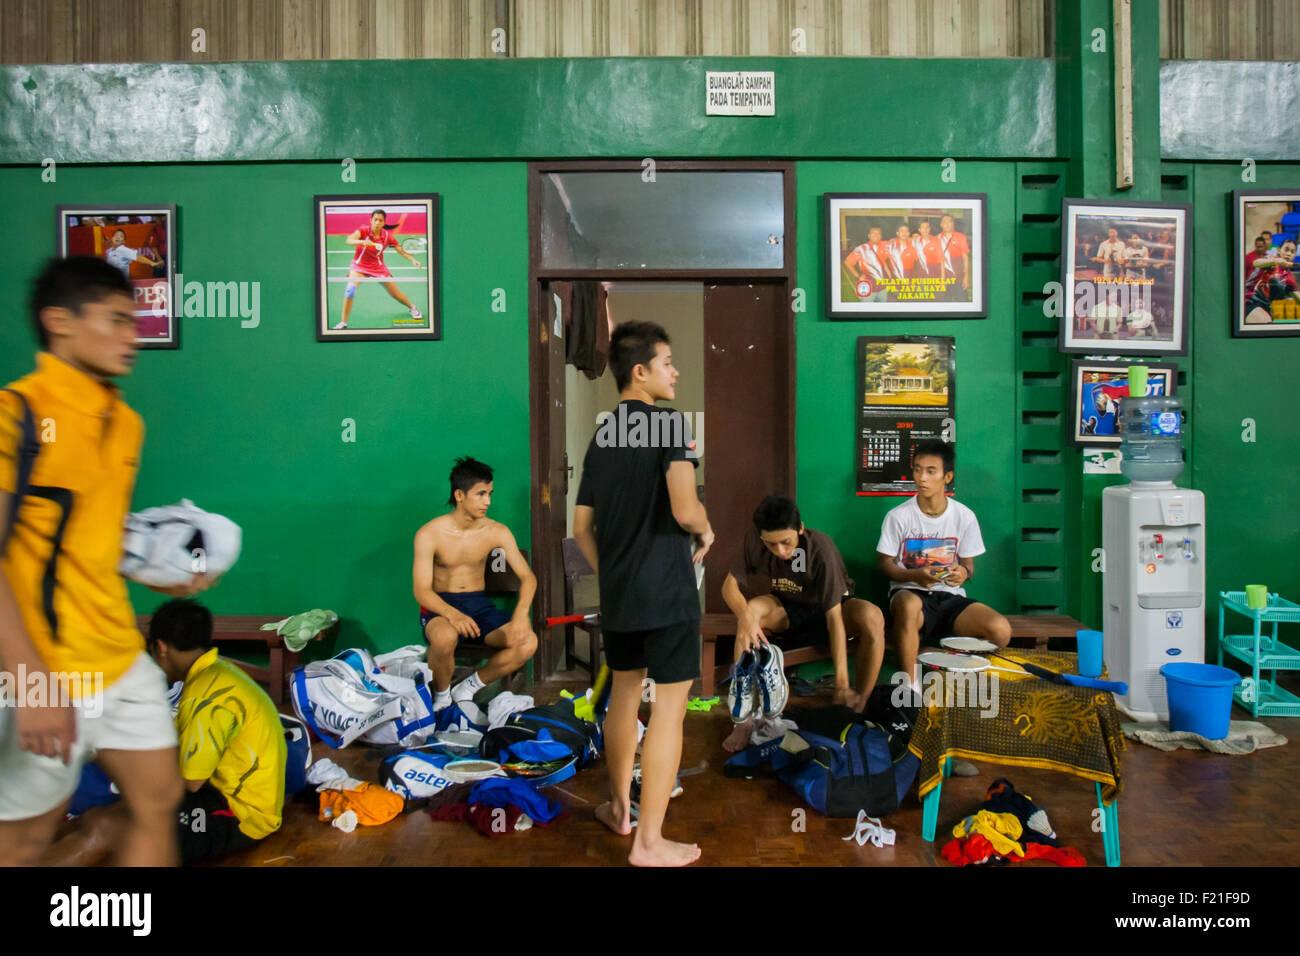 Los jóvenes jugadores de bádminton de Indonesia después de la sesión de entrenamiento en Jaya Imagen De Stock